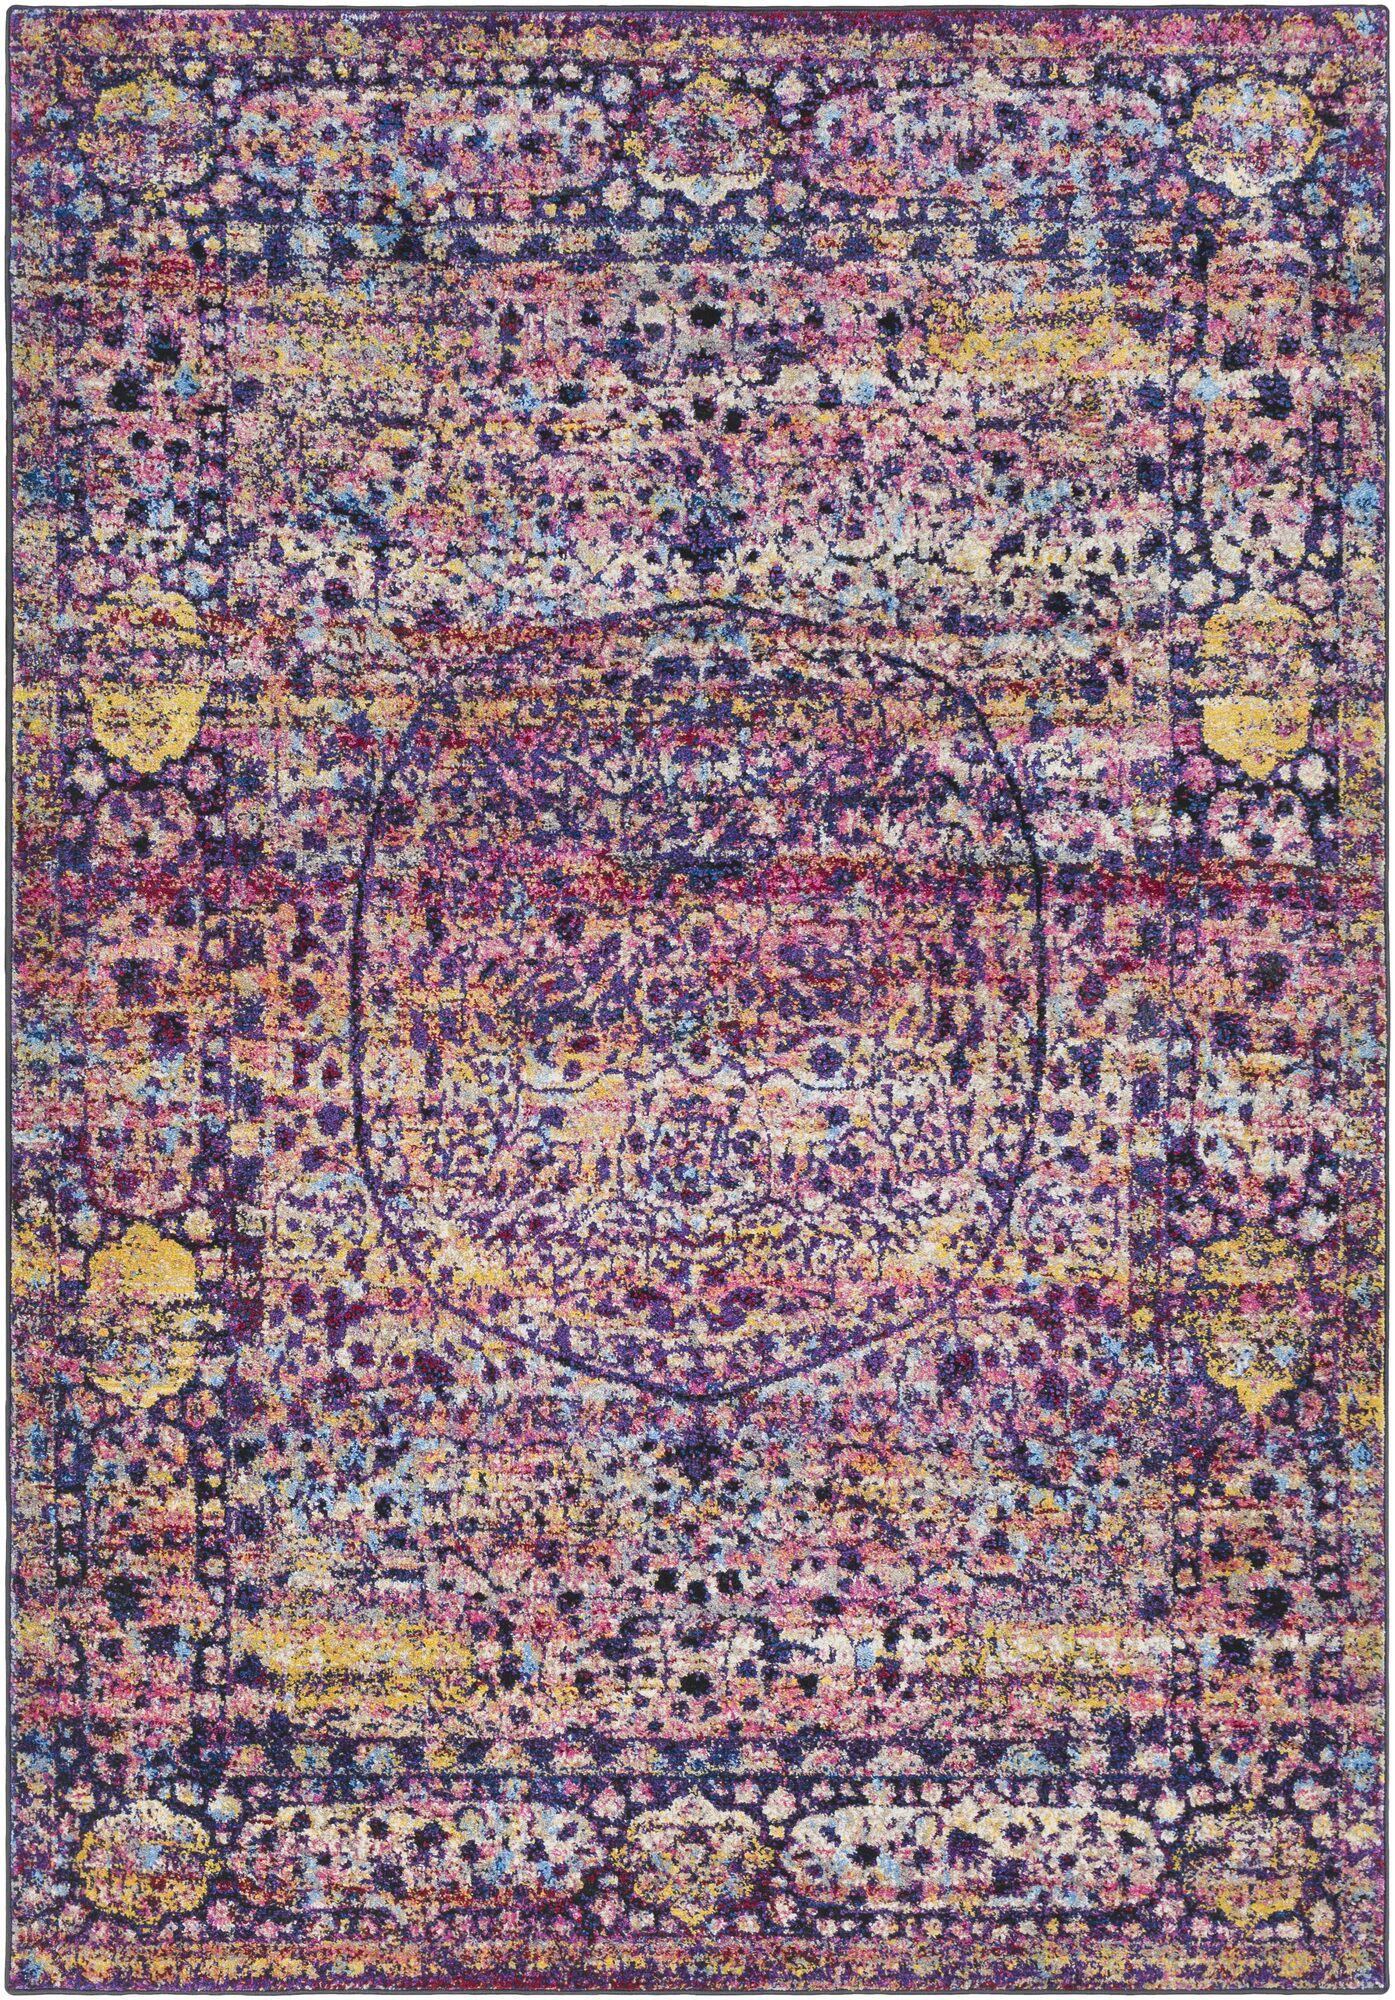 Walferdange Floral Bright Pink/Violet Area Rug Rug Size: Rectangle 9'3